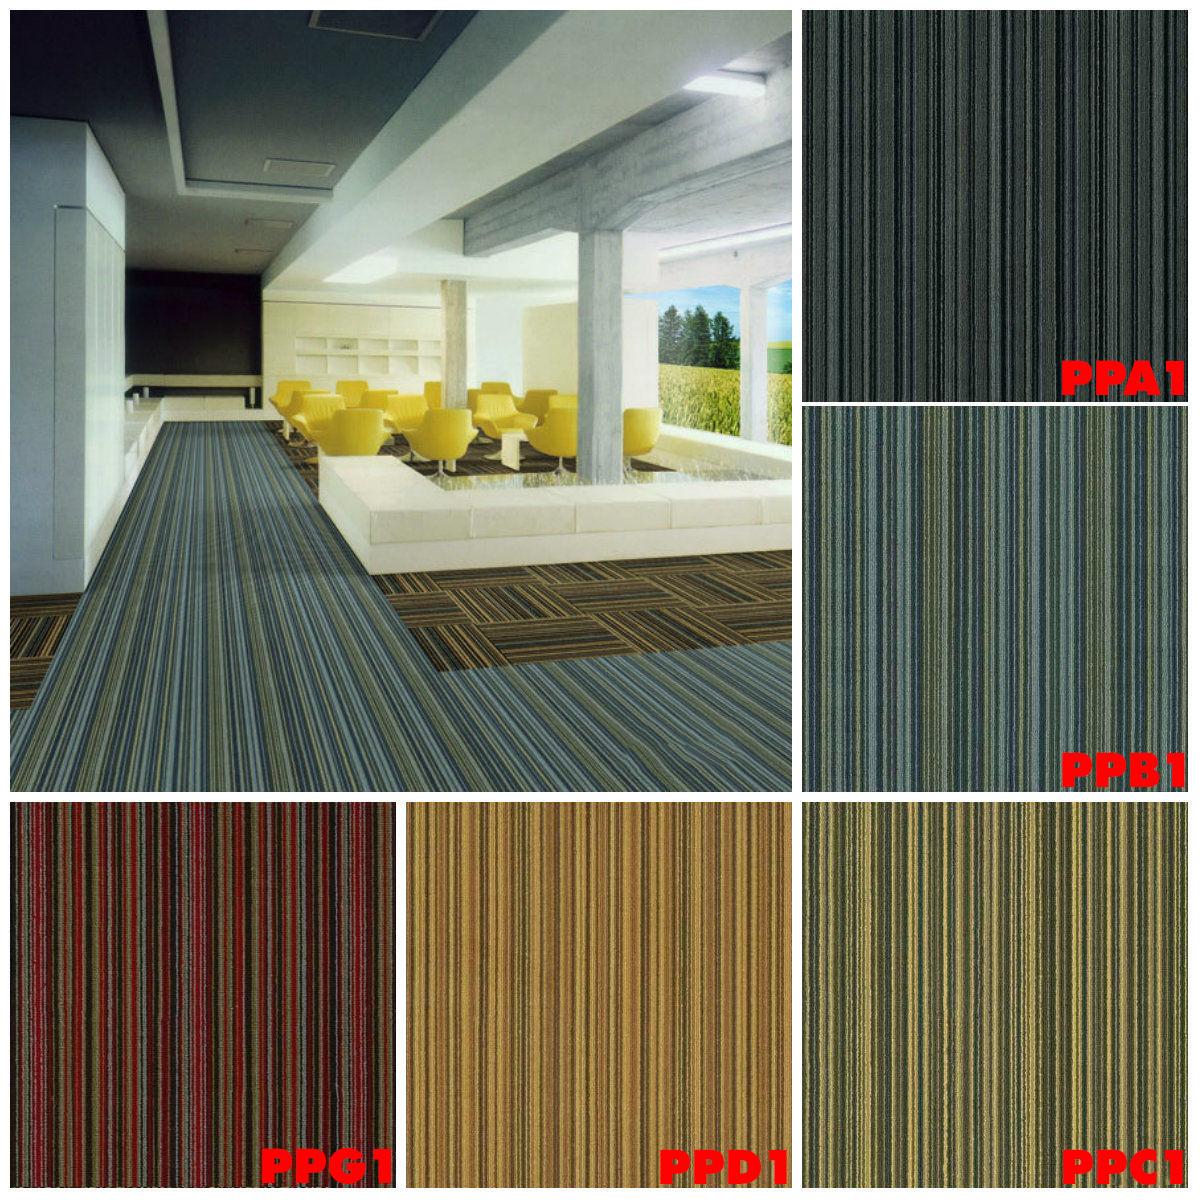 Thảm tấm văn phòng A1 B1 C1 D1 - Thảm tấm Standard